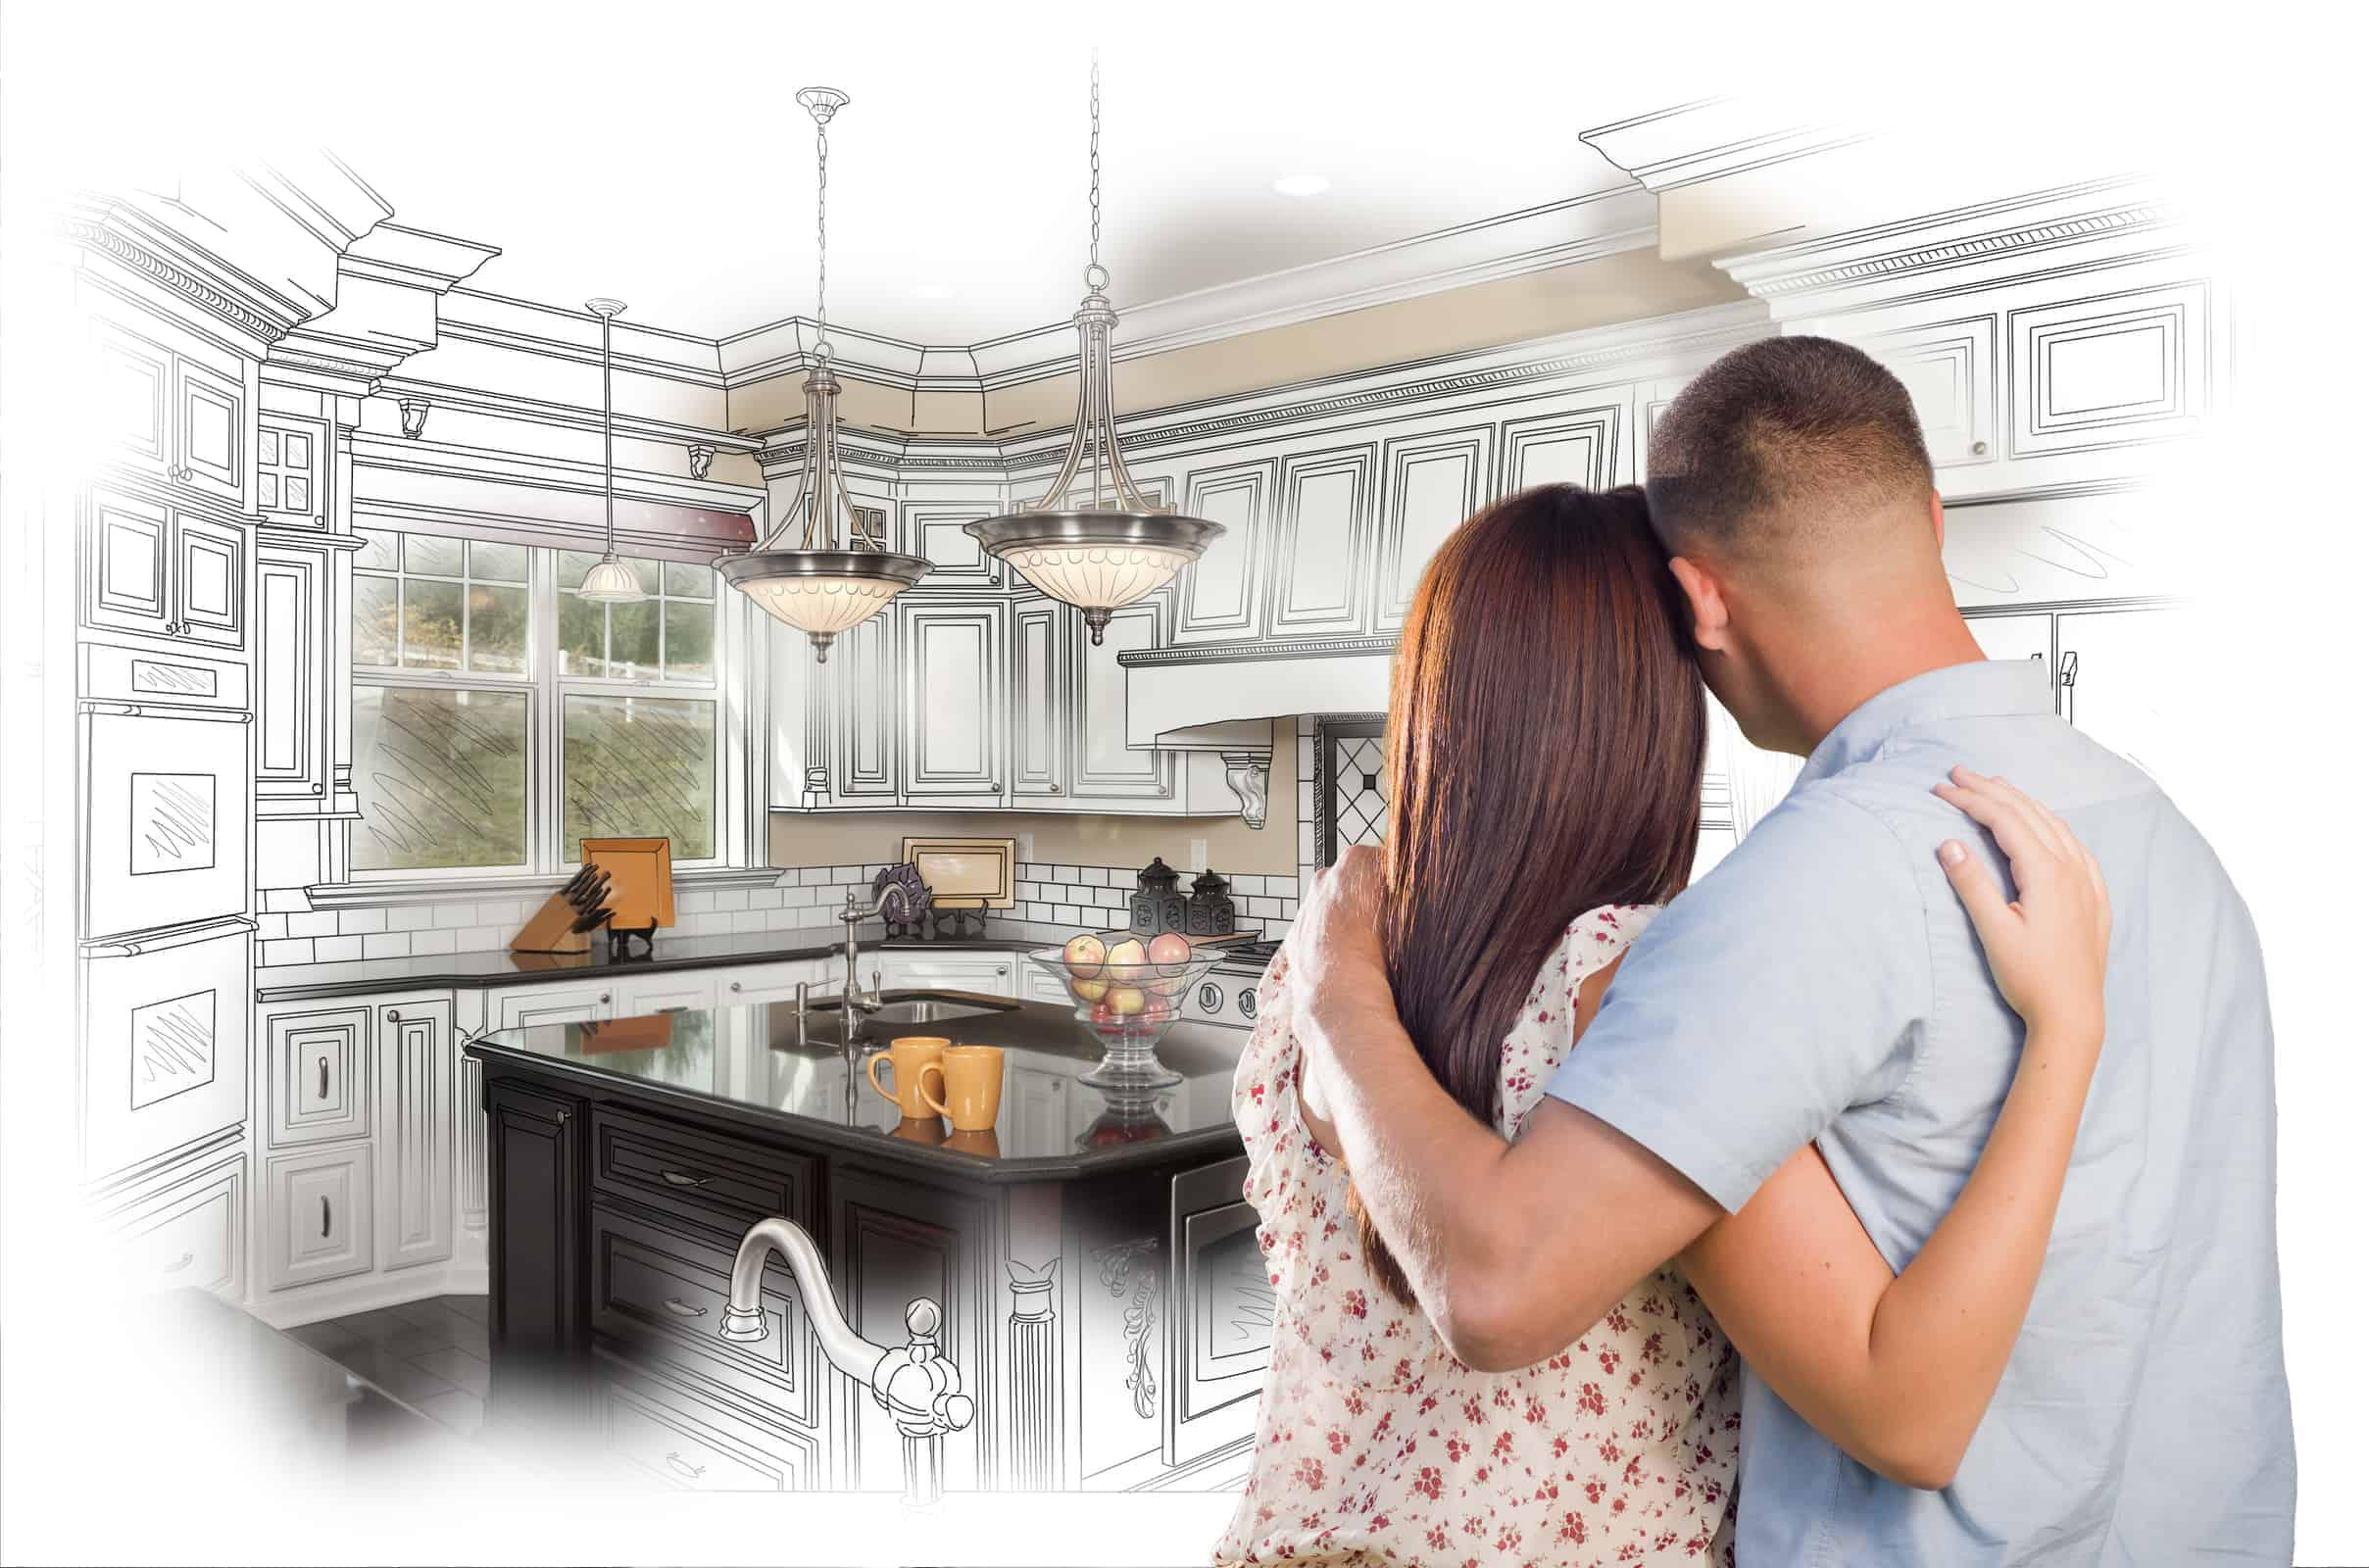 הדמיית מטבח: לדעת מראש איך יראה המטבח החדש, בדיוק